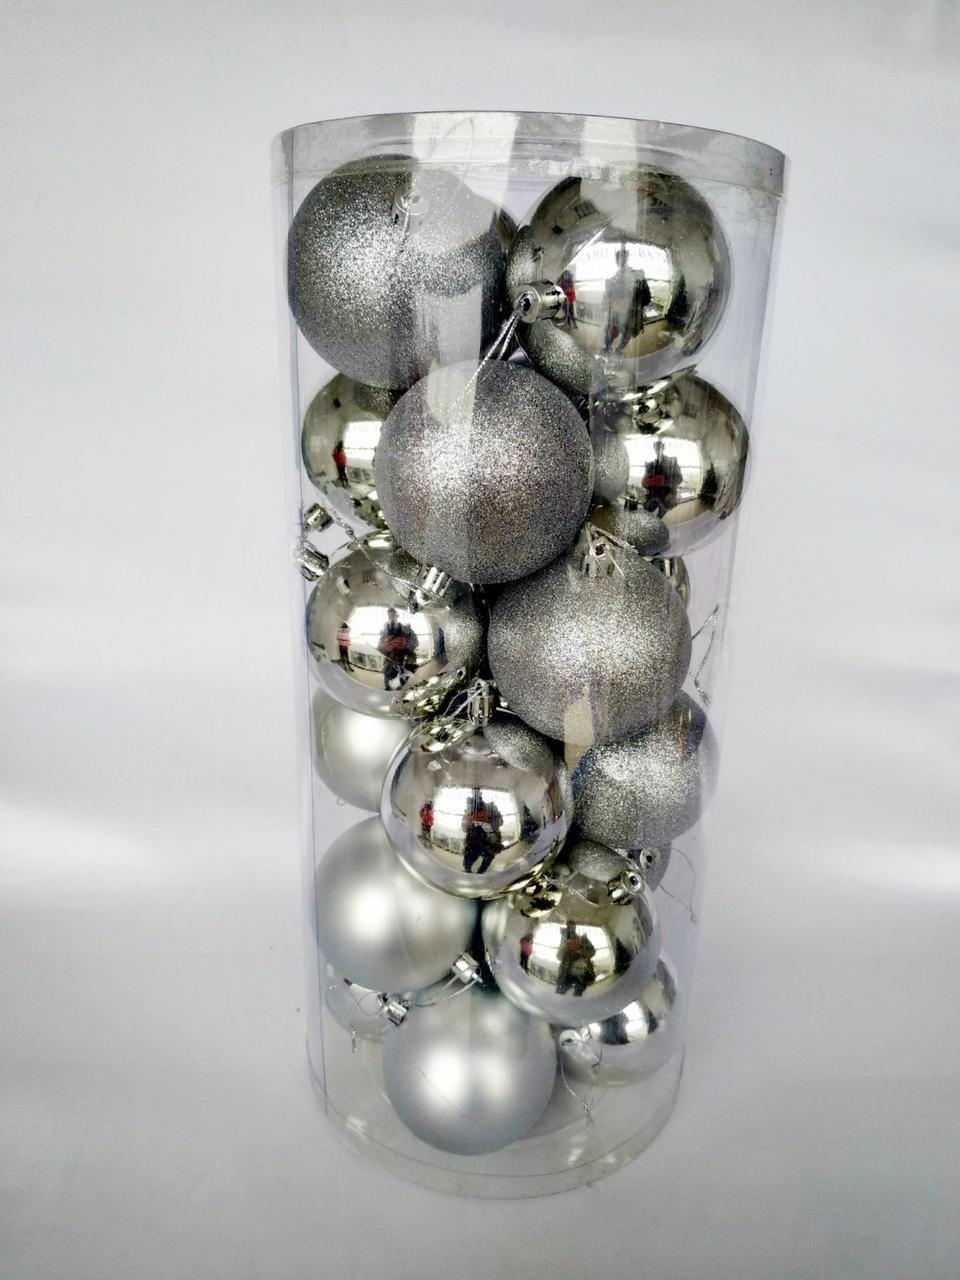 Елочные шары 24 штуки в упаковке диаметром 8 см серебро